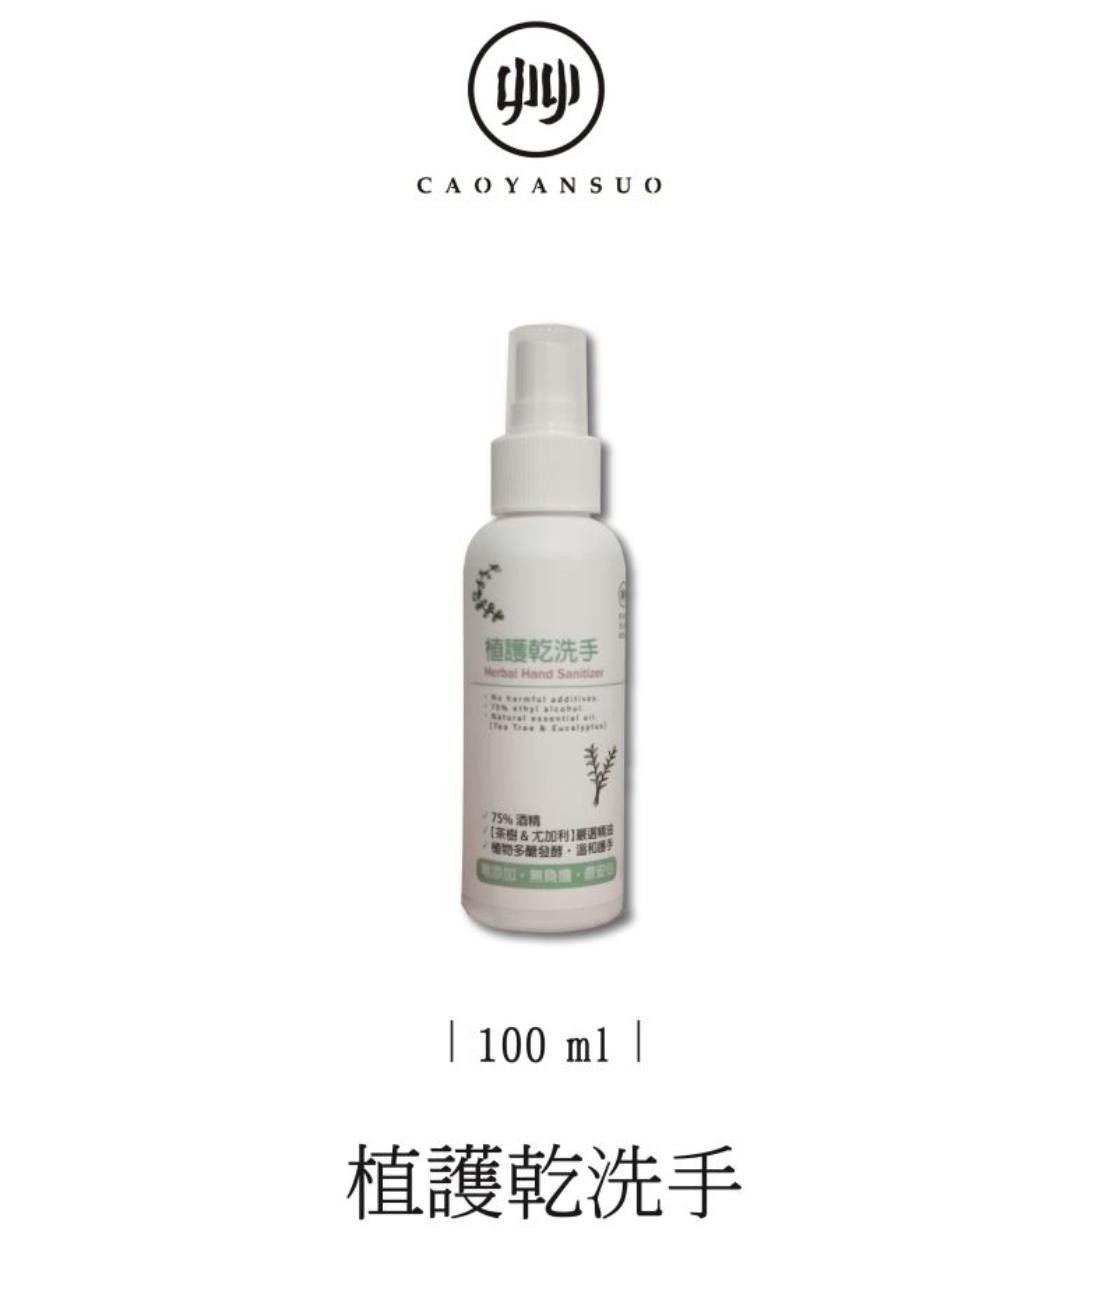 艸研所:保濕成分為茶樹和尤加利精油/味道偏茶樹精油味/容量100ml/價格299